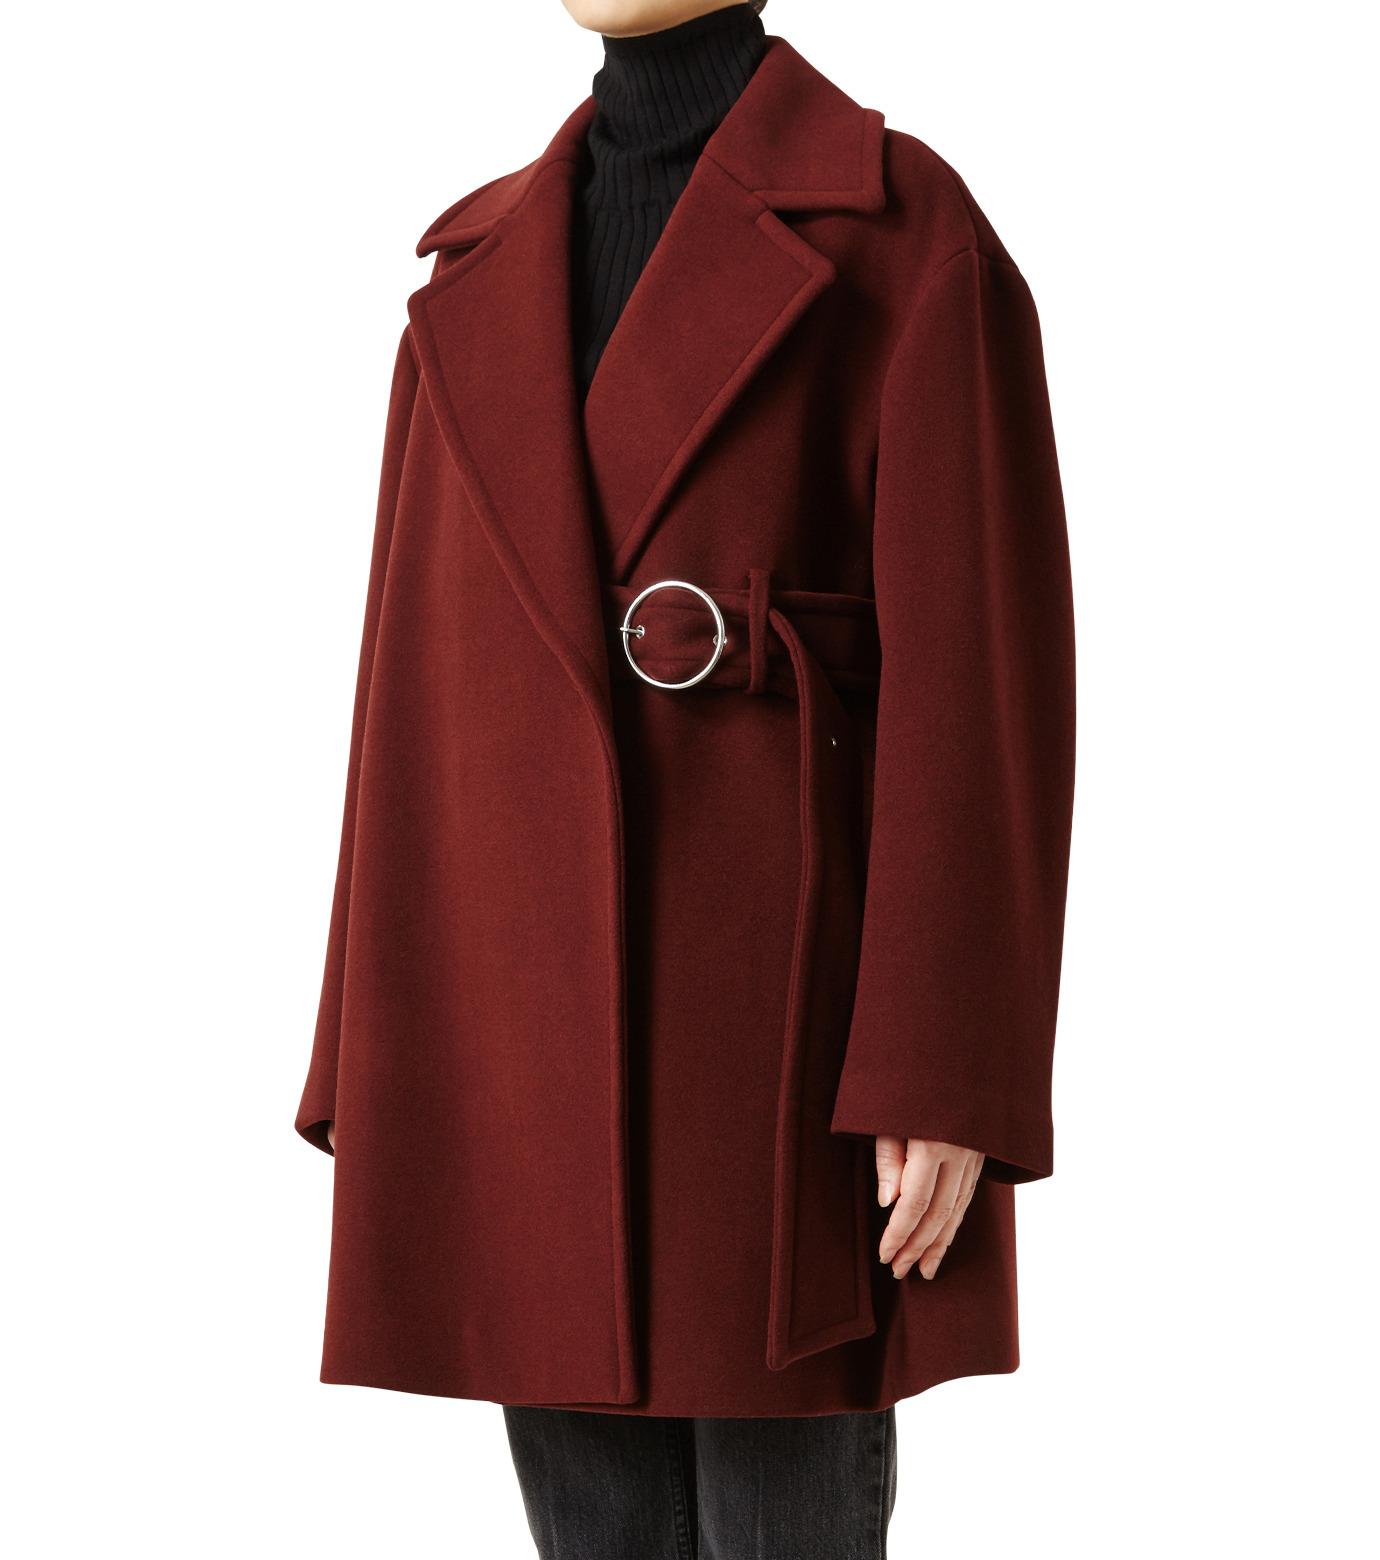 LE CIEL BLEU(ルシェルブルー)のベルトオーバーコート-BORDEAUX(コート/coat)-18A69512 拡大詳細画像1